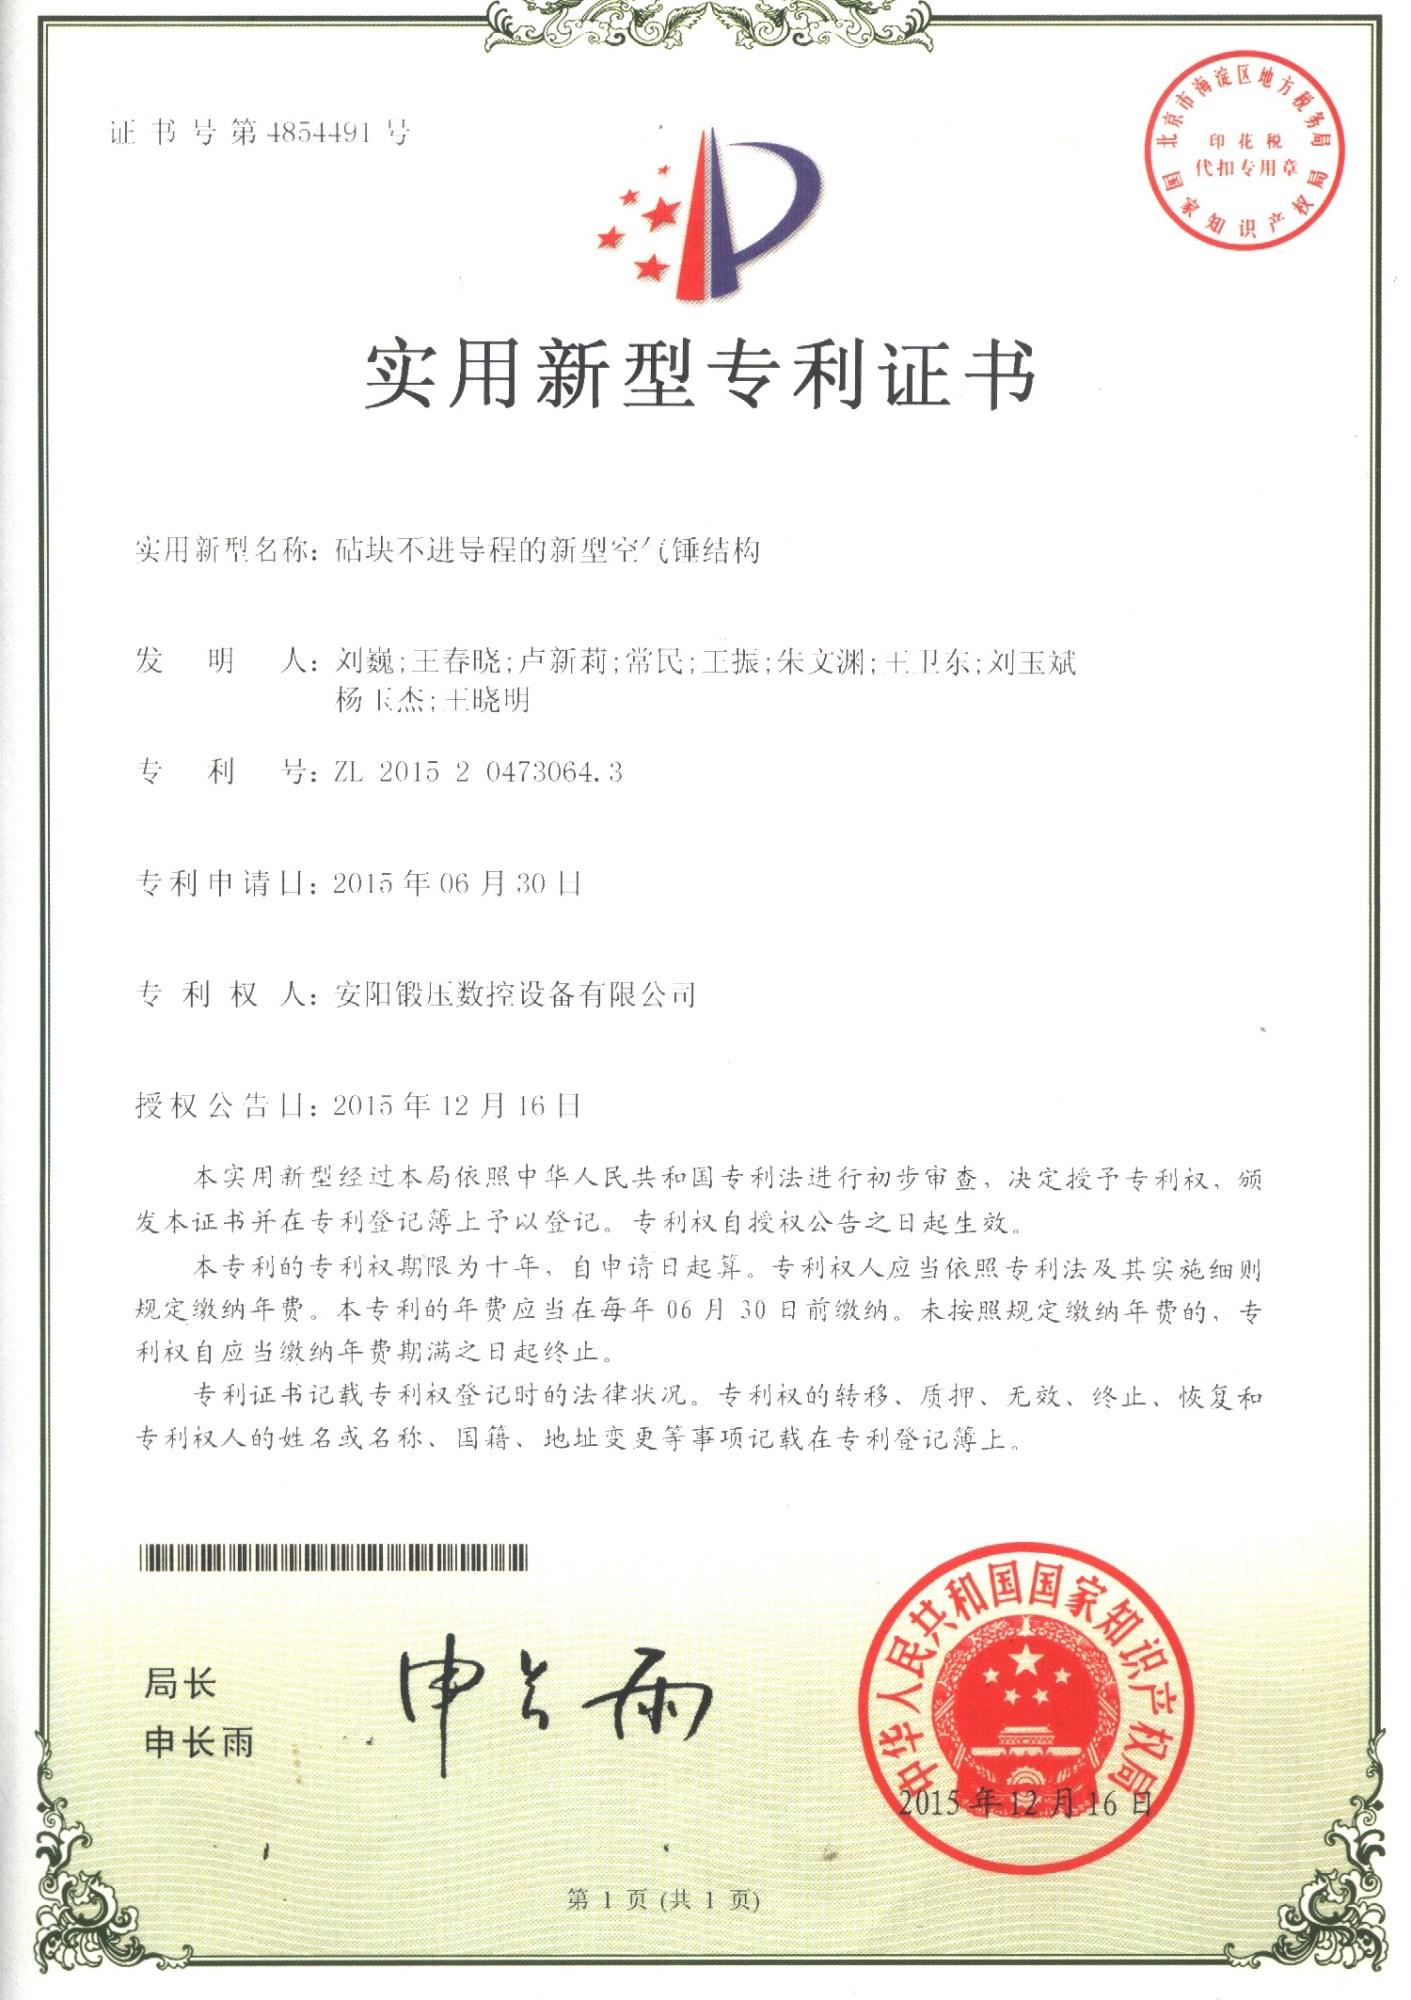 空气锤专利